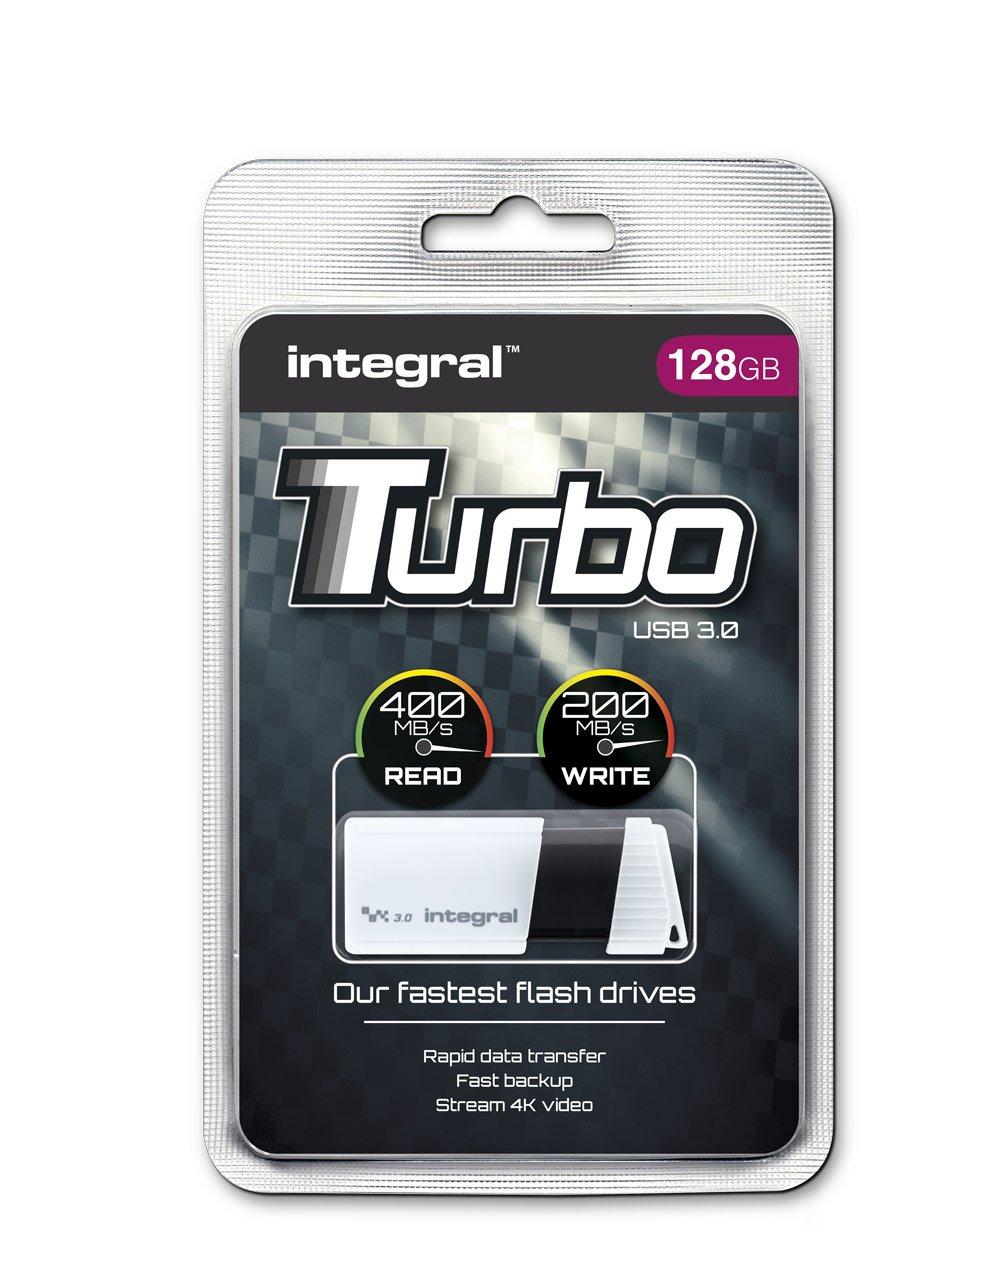 Memoria USB Integral Memory Turbo, color blanco blanco blanco 128 GB: Amazon.es: Informática